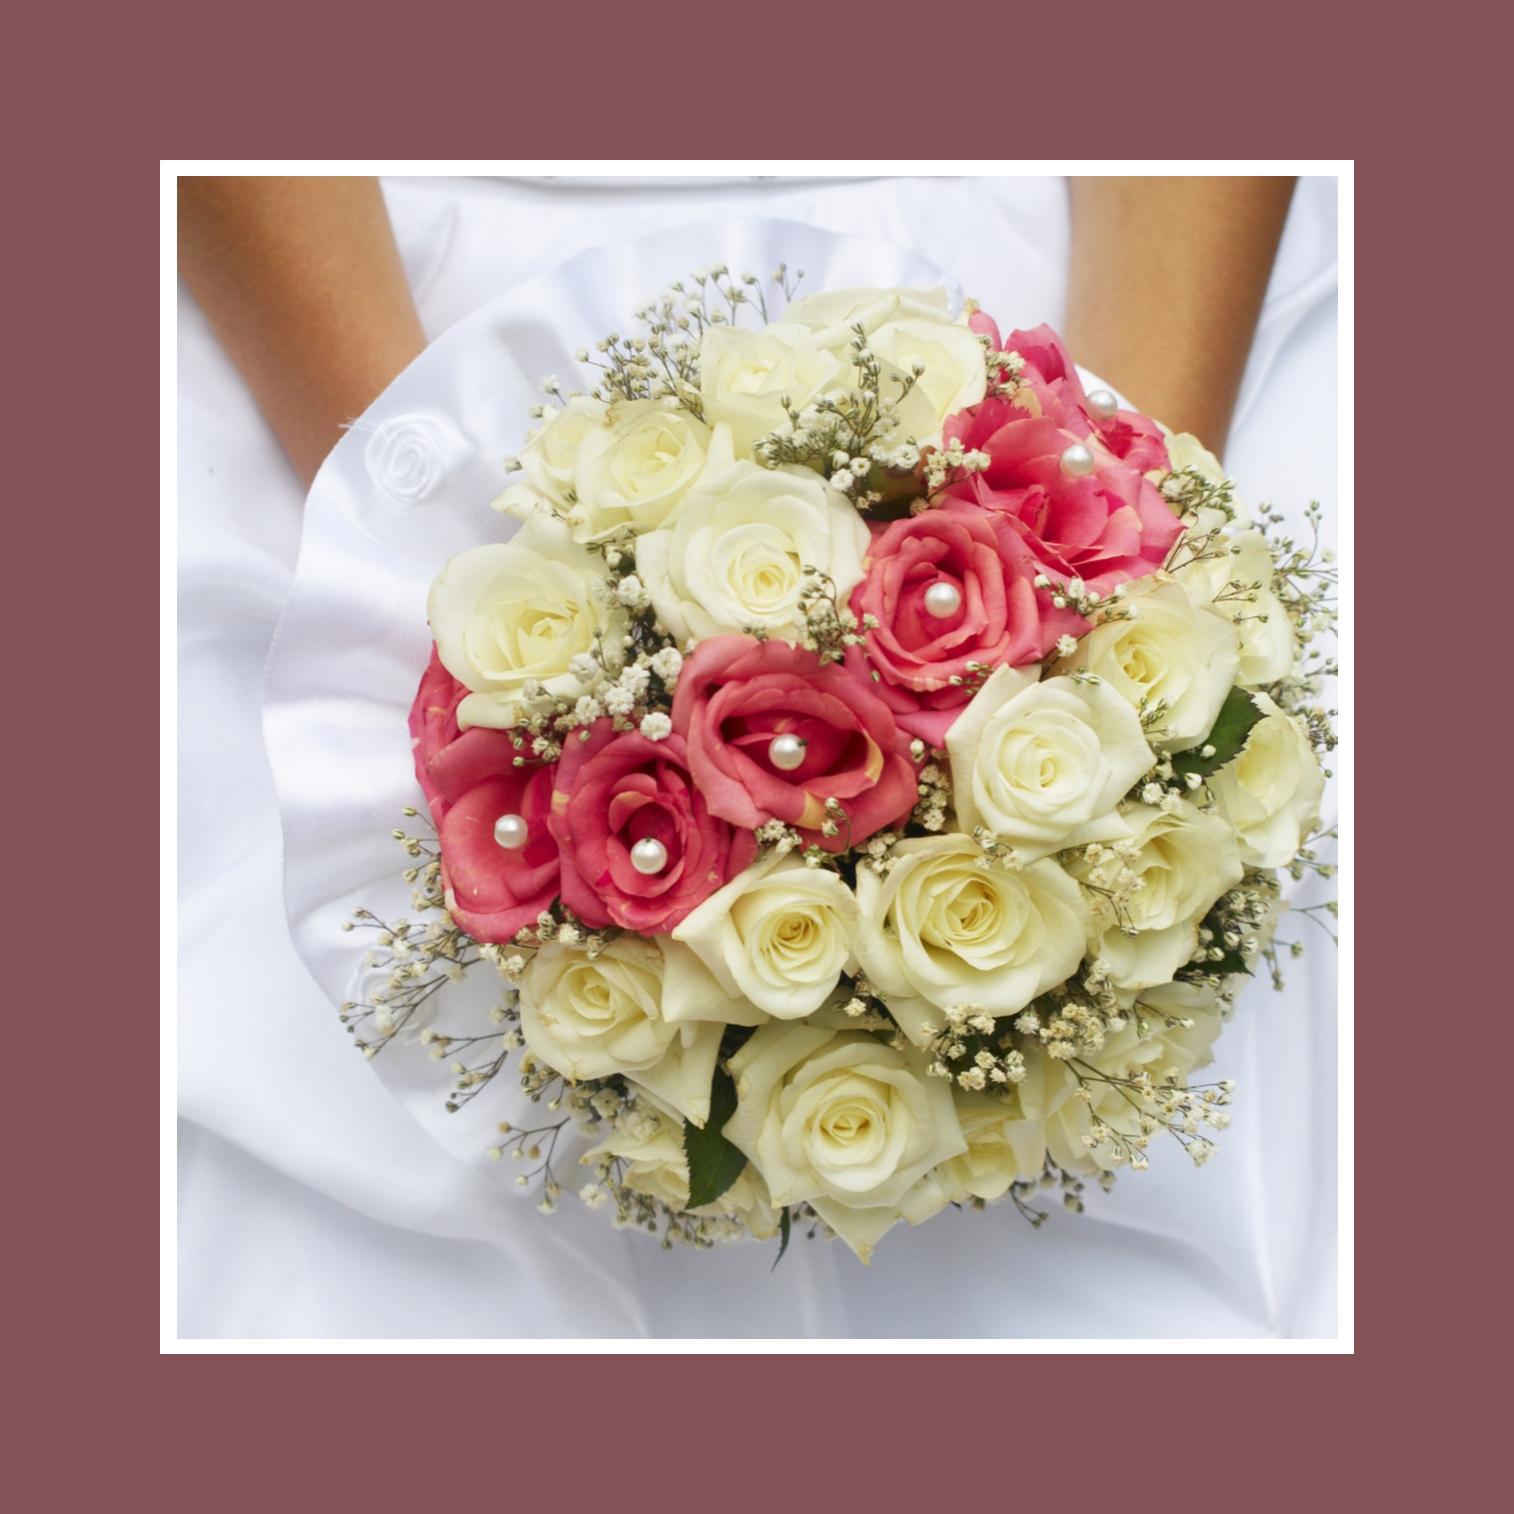 Brautstrauß mit rosé & cremefarbenen Rosen